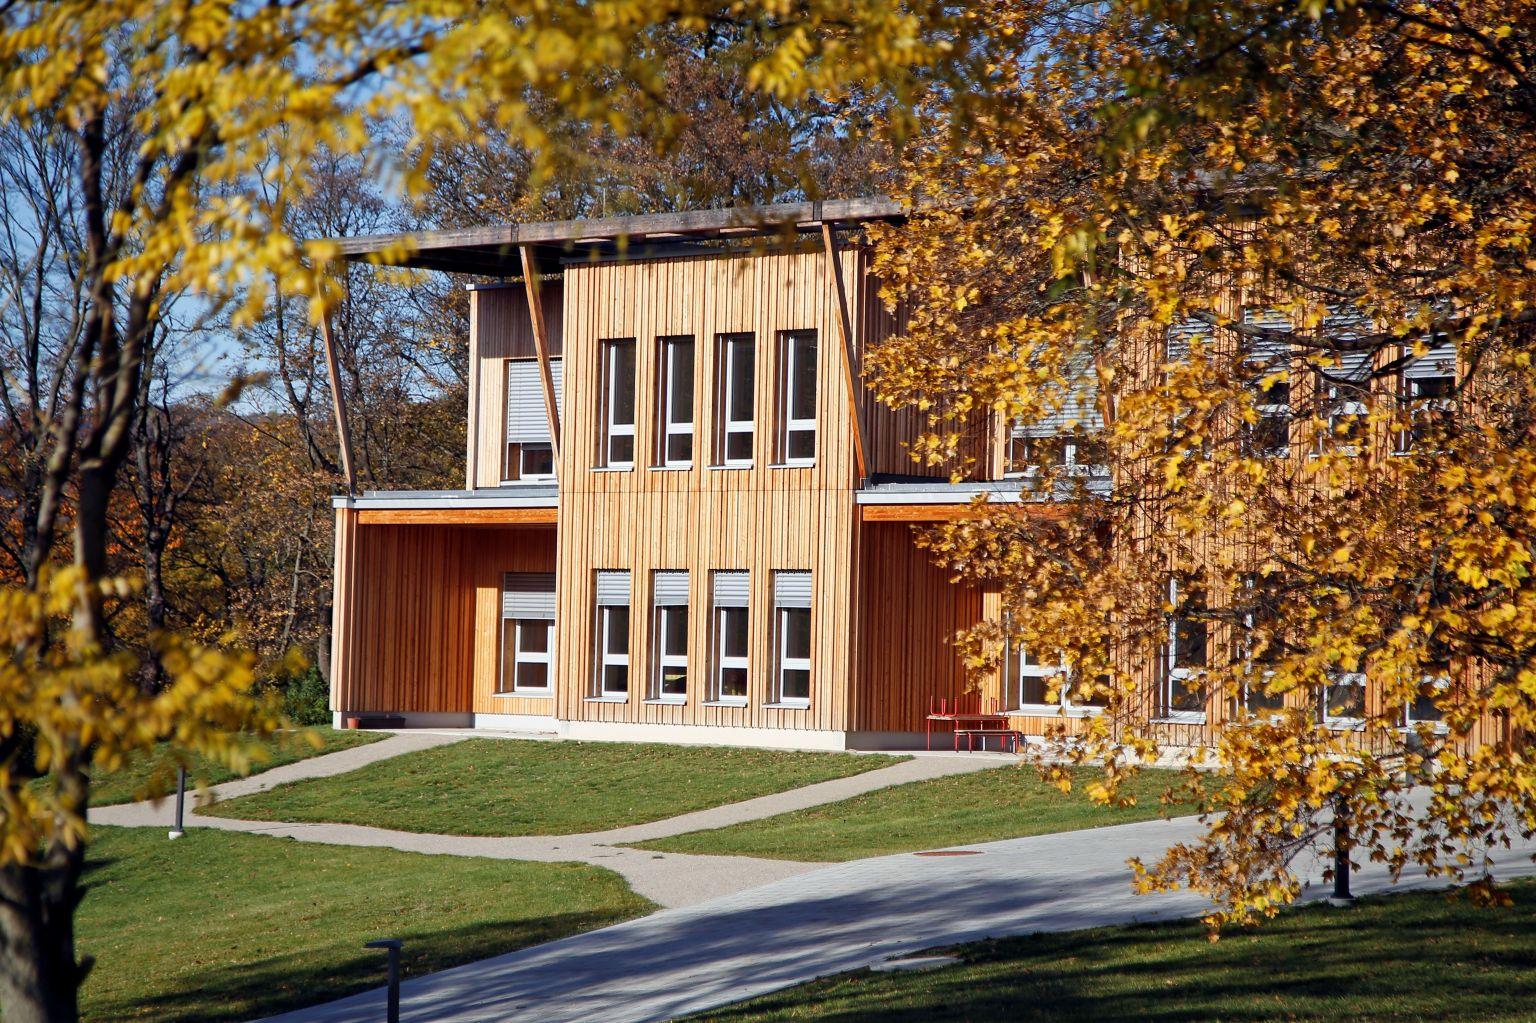 Wiener Holzbaupreis für Kindergarten Pötzleinsdorf